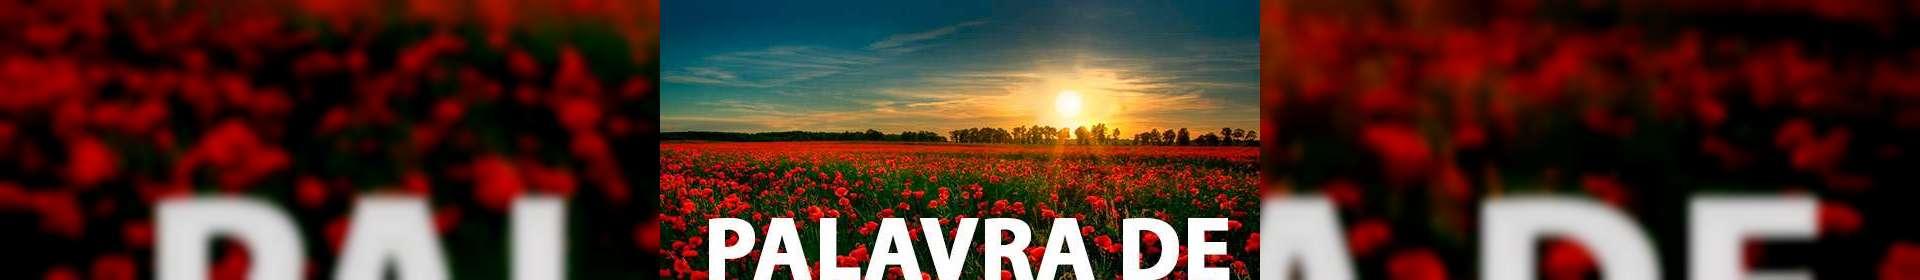 Salmos 121:1-8 - Uma Palavra de Esperança para sua vida